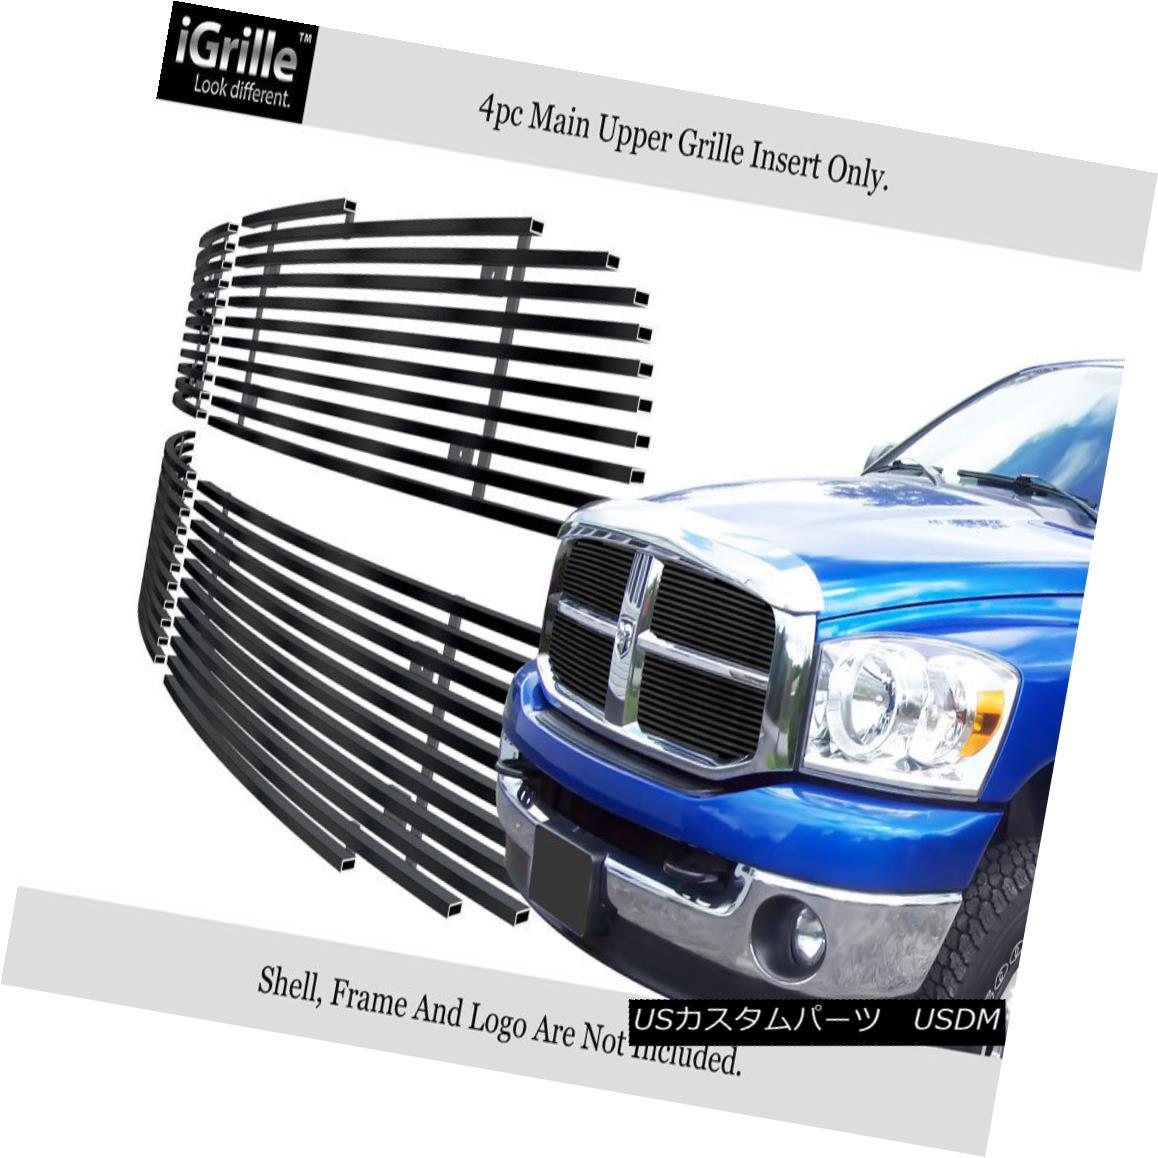 グリル For 2006-2008 Dodge Ram Black Stainless Steel Billet Grille Grill Insert 2006-2008ダッジラムブラックステンレス鋼ビレットグリルグリルインサート用